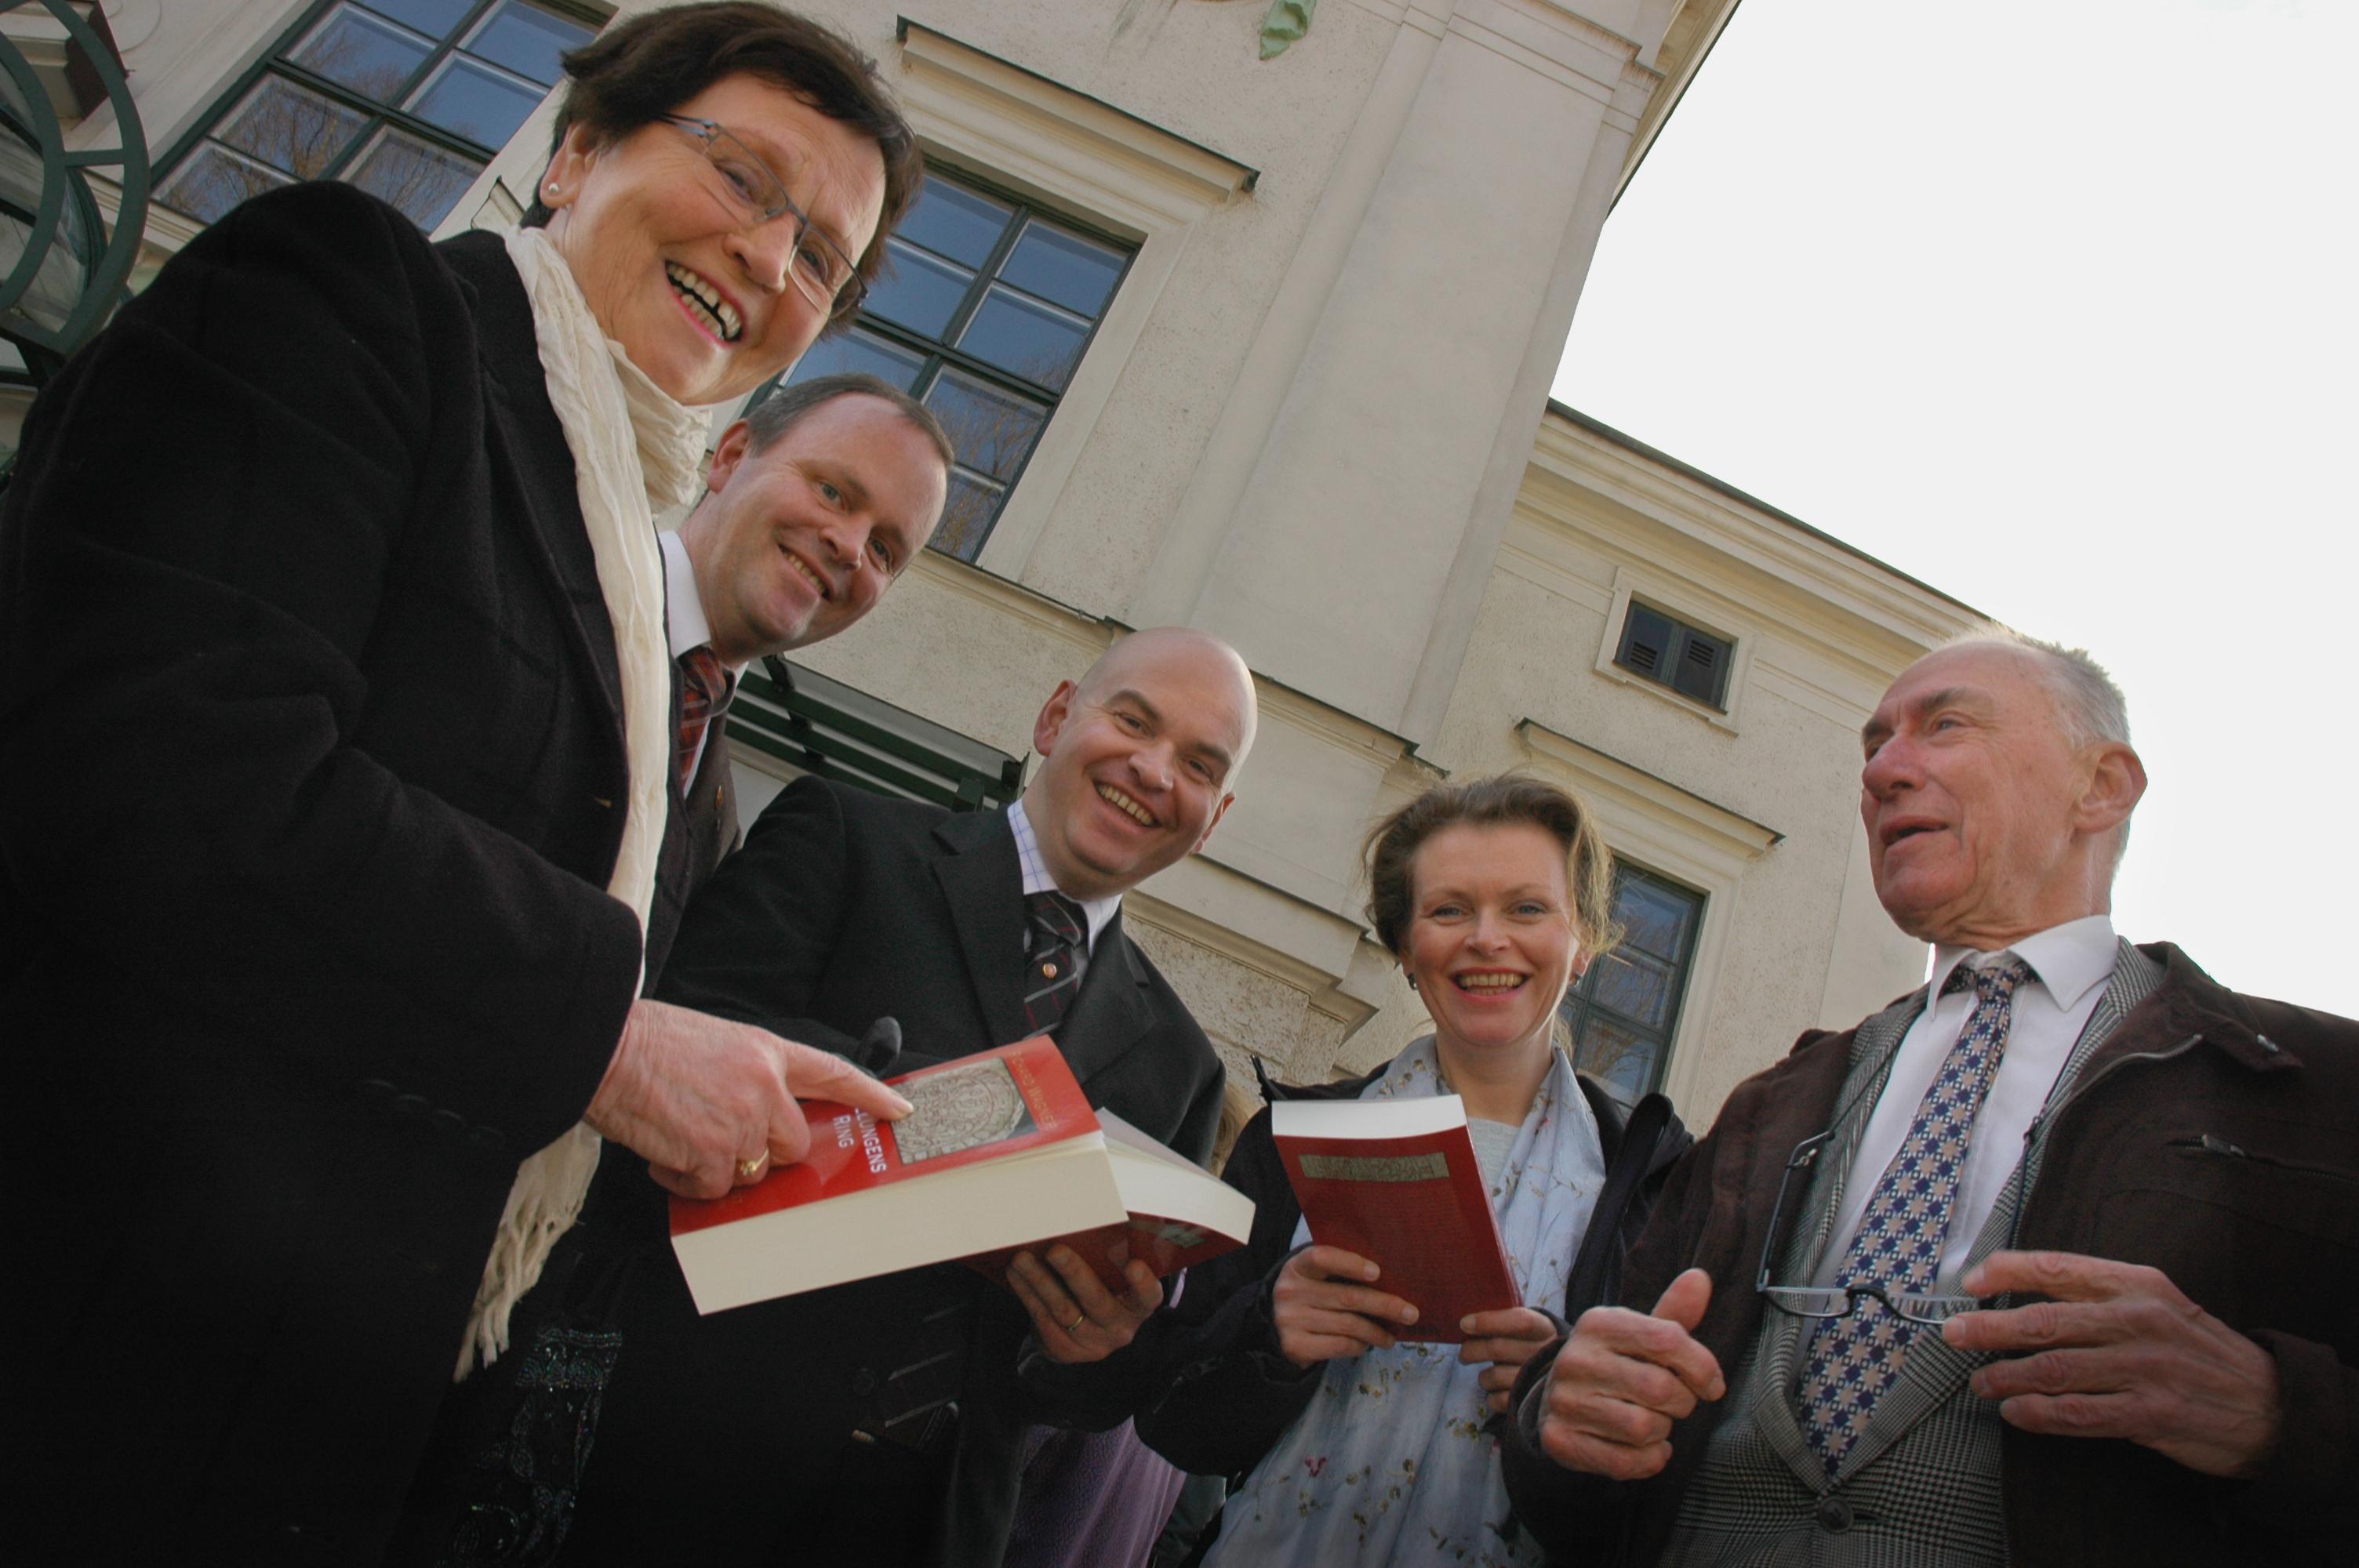 Wagneröversättaren Sven Lenninger till höger. Från Leirvik på Stord (Norge) har samlats familjen Sæter inte minst för att hylla framlidne fadern Tryggve Sæter, prominent wagnerian. Foto: Astrid Haugland